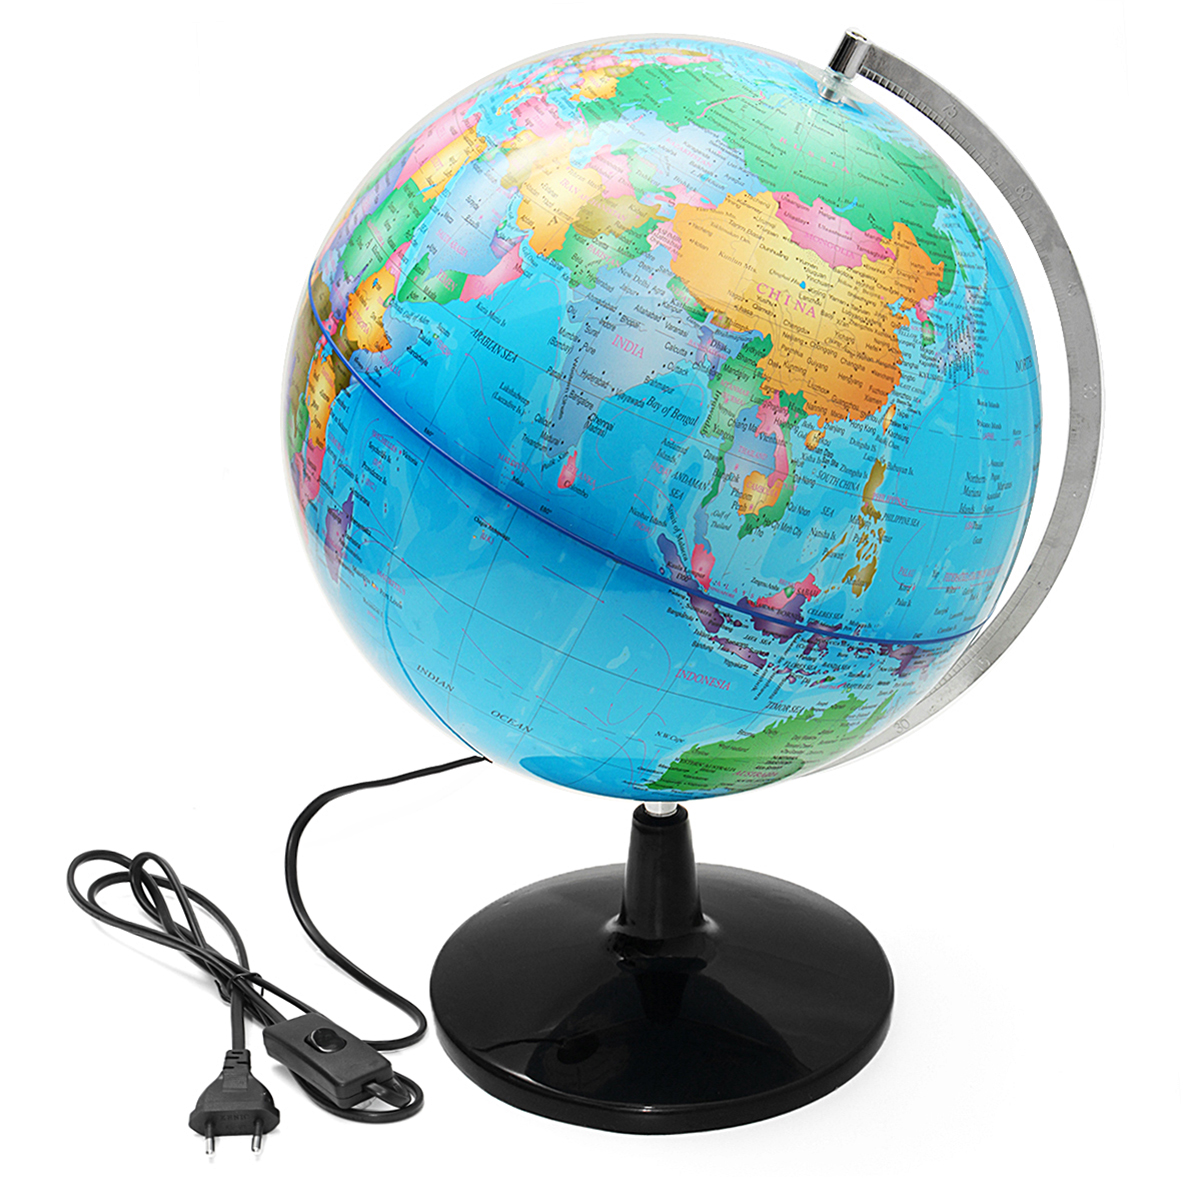 32 cm Électrique LED Lumière Monde Globe Terre Carte Enseigner L'éducation Géographie Toy Terrestre Tellurion Globe home Office Décor de Bureau - 2